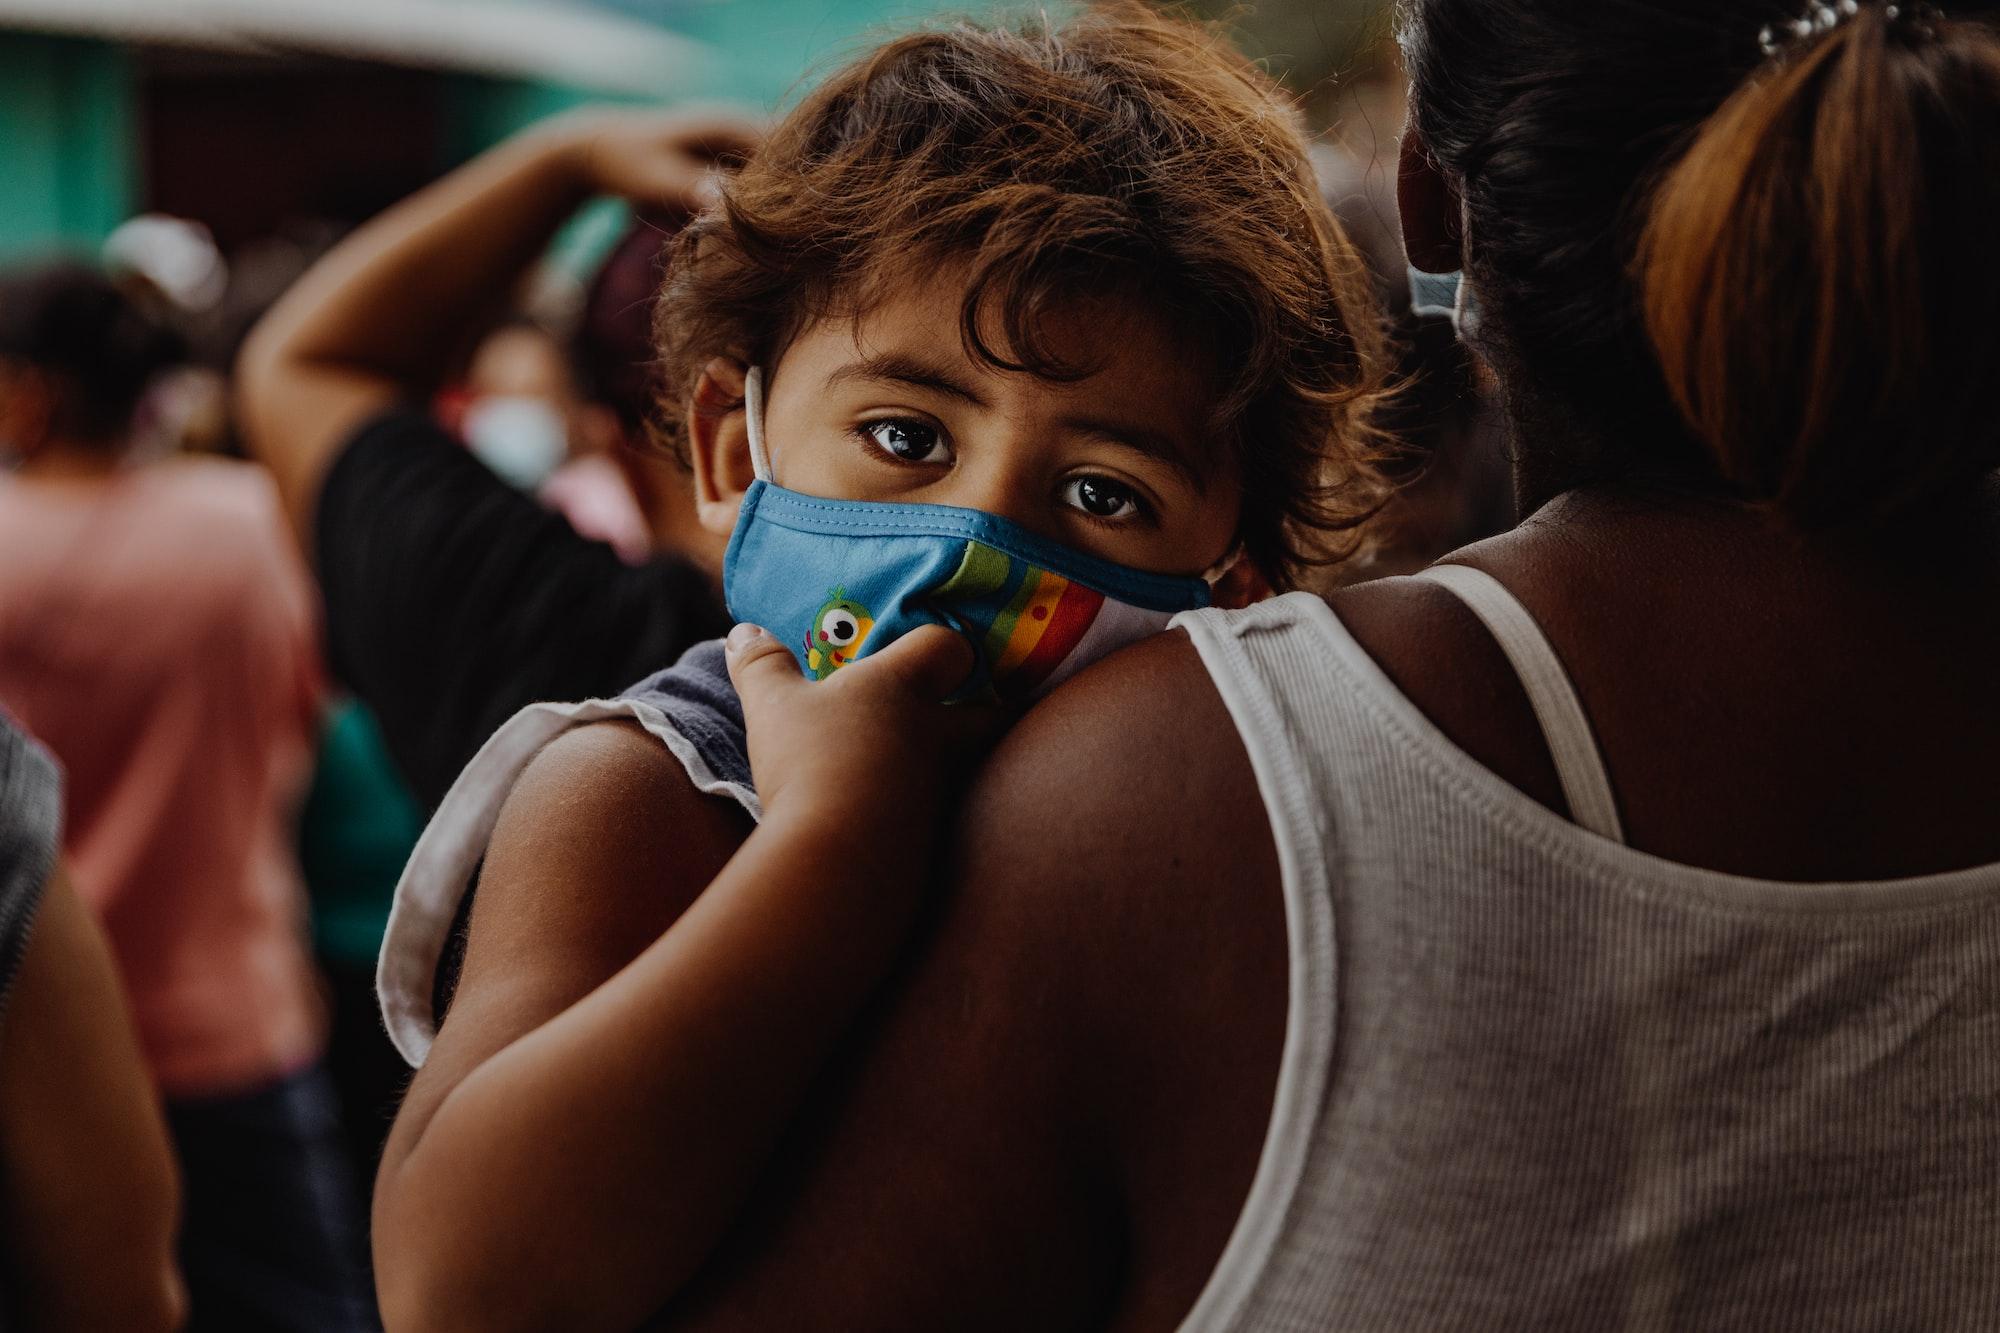 कोविड की तीसरी लहर का खौफ, भारत सहित कई देशों को मदद अभी भी जारी